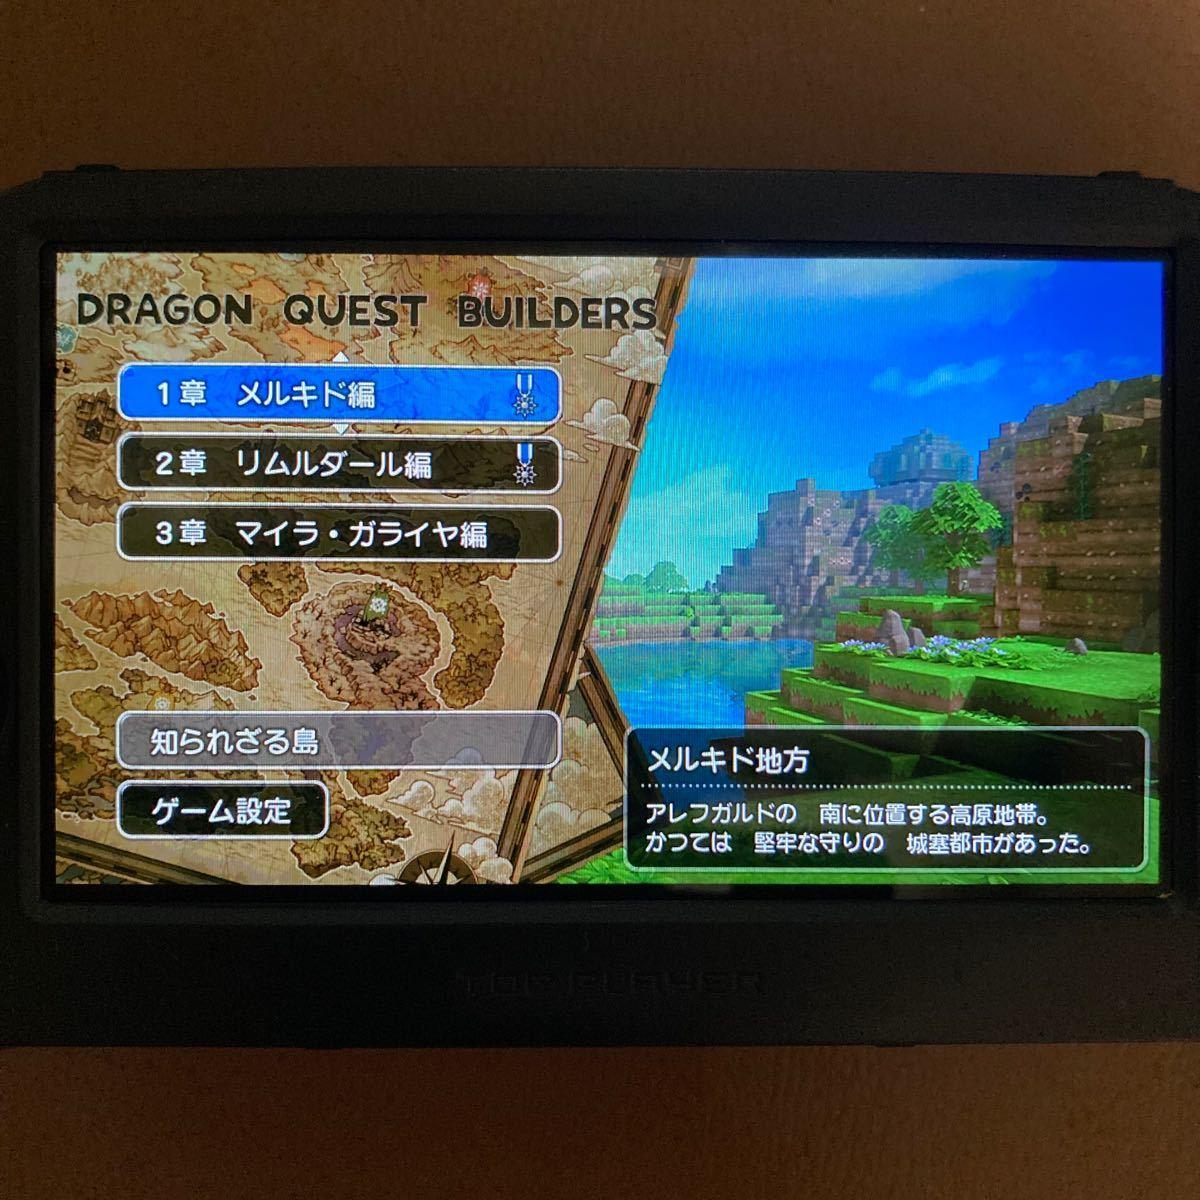 PS Vita ドラゴンクエストビルダーズ アレフガルドを復活せよ ソフトのみ